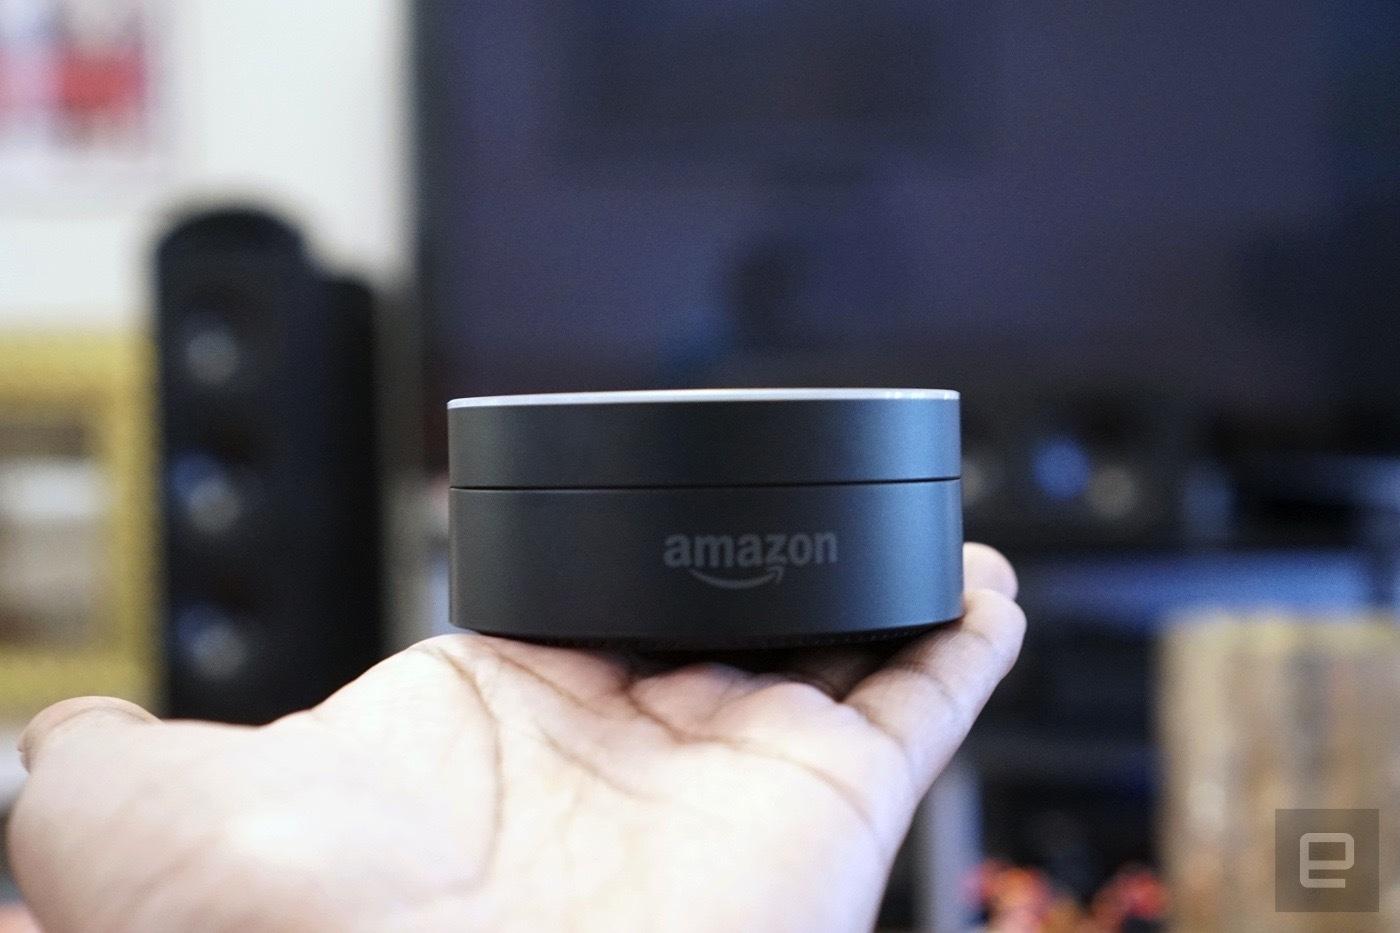 Amazon will Entwicklern Zugriff auf eure Fragen an Alexa geben